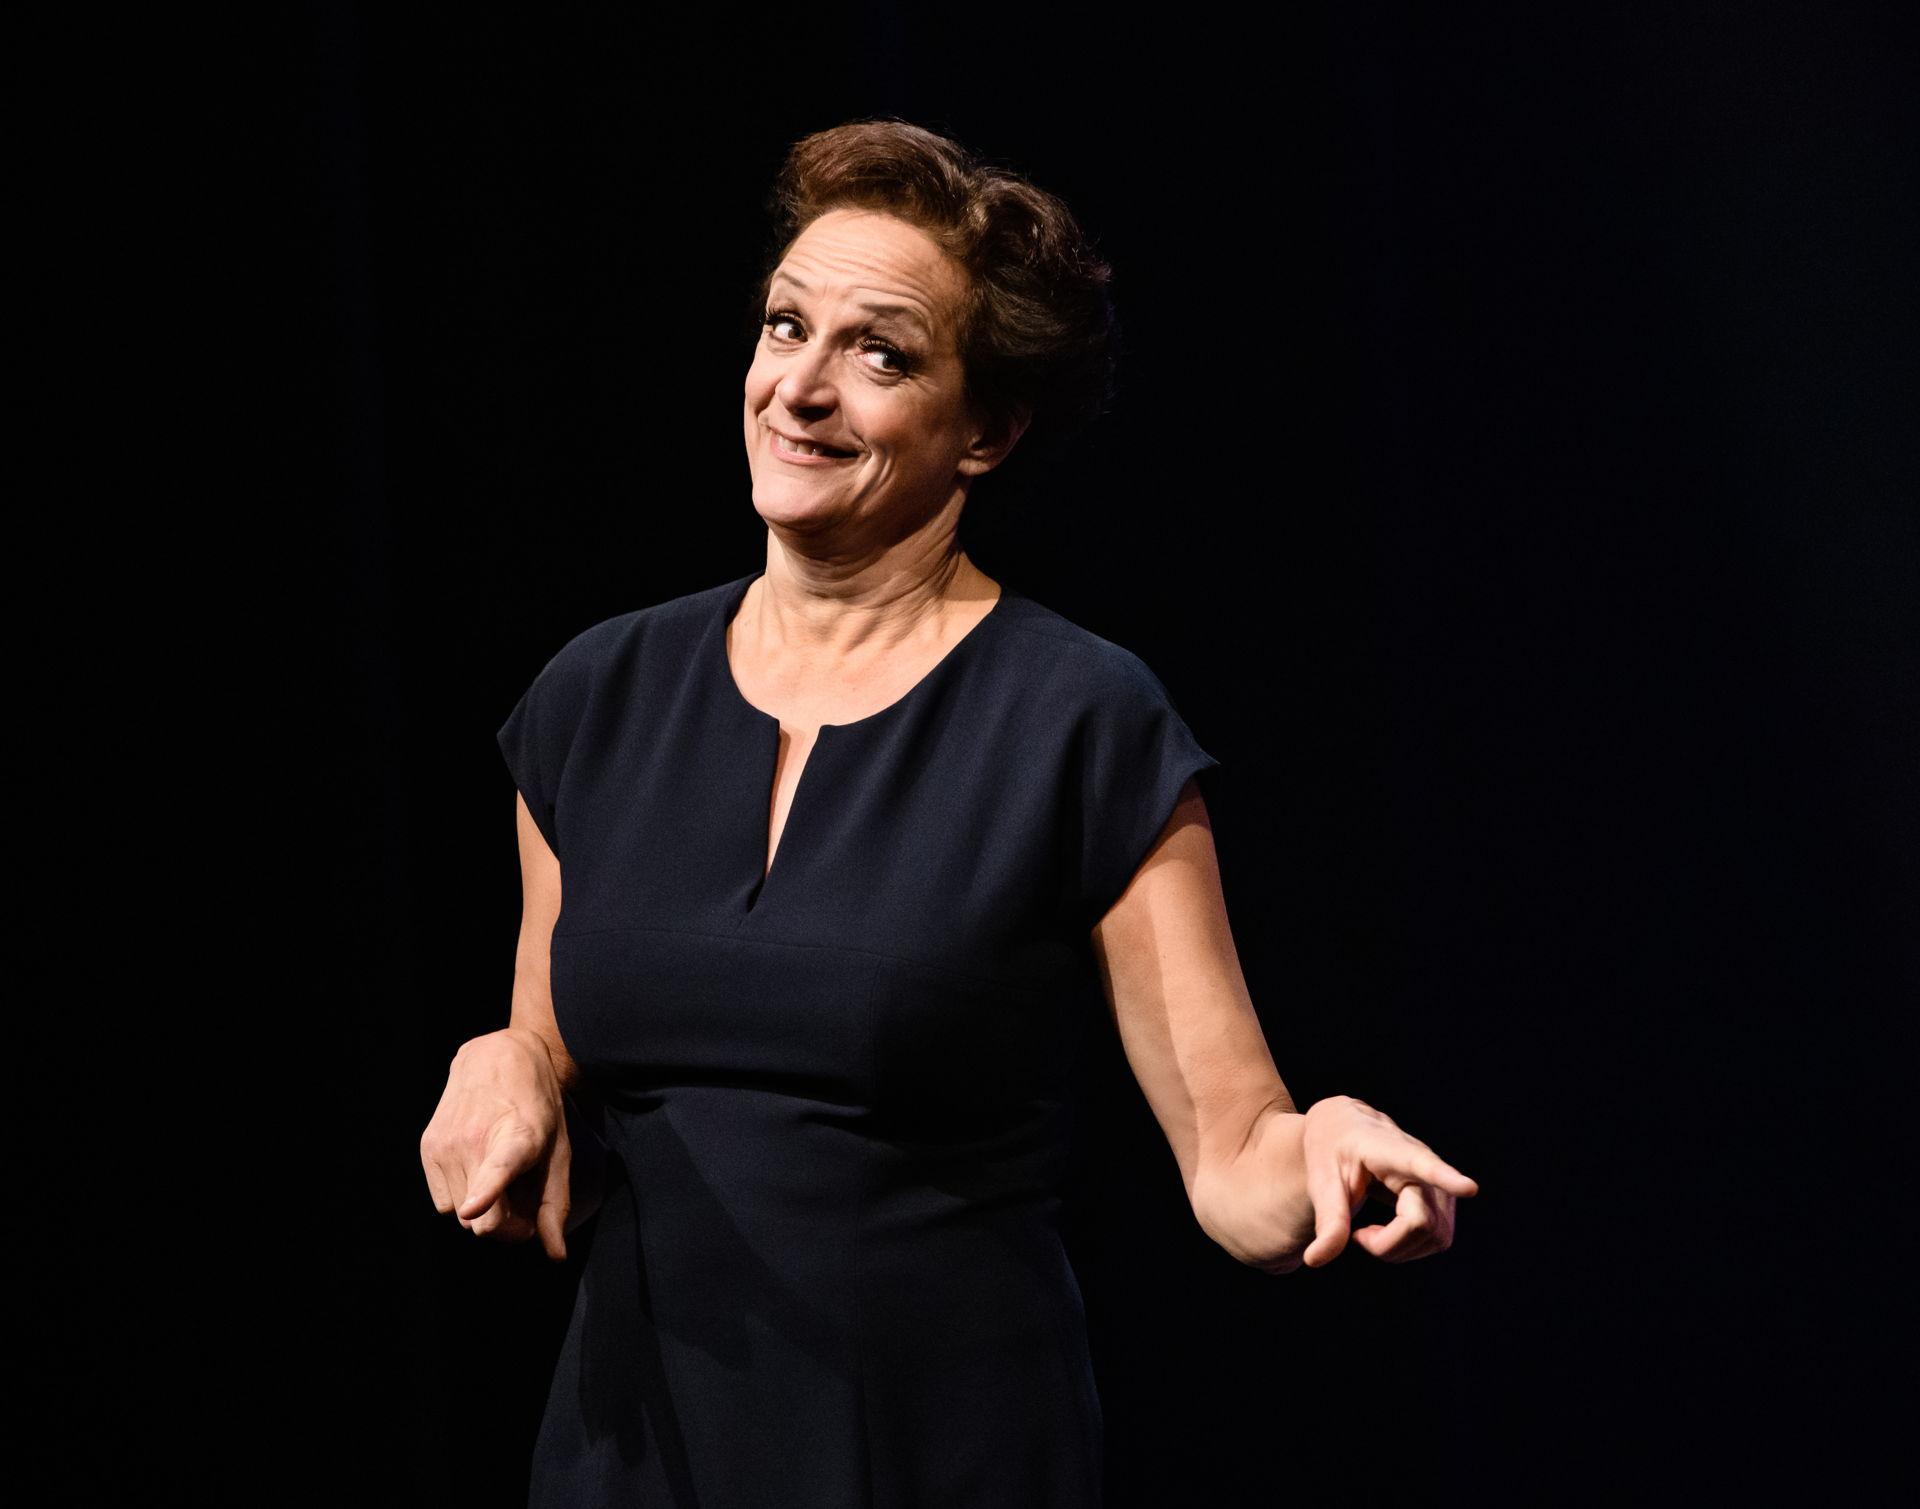 Lenette van Dongen won de Poelifinario voor haar show Paradijskleier.